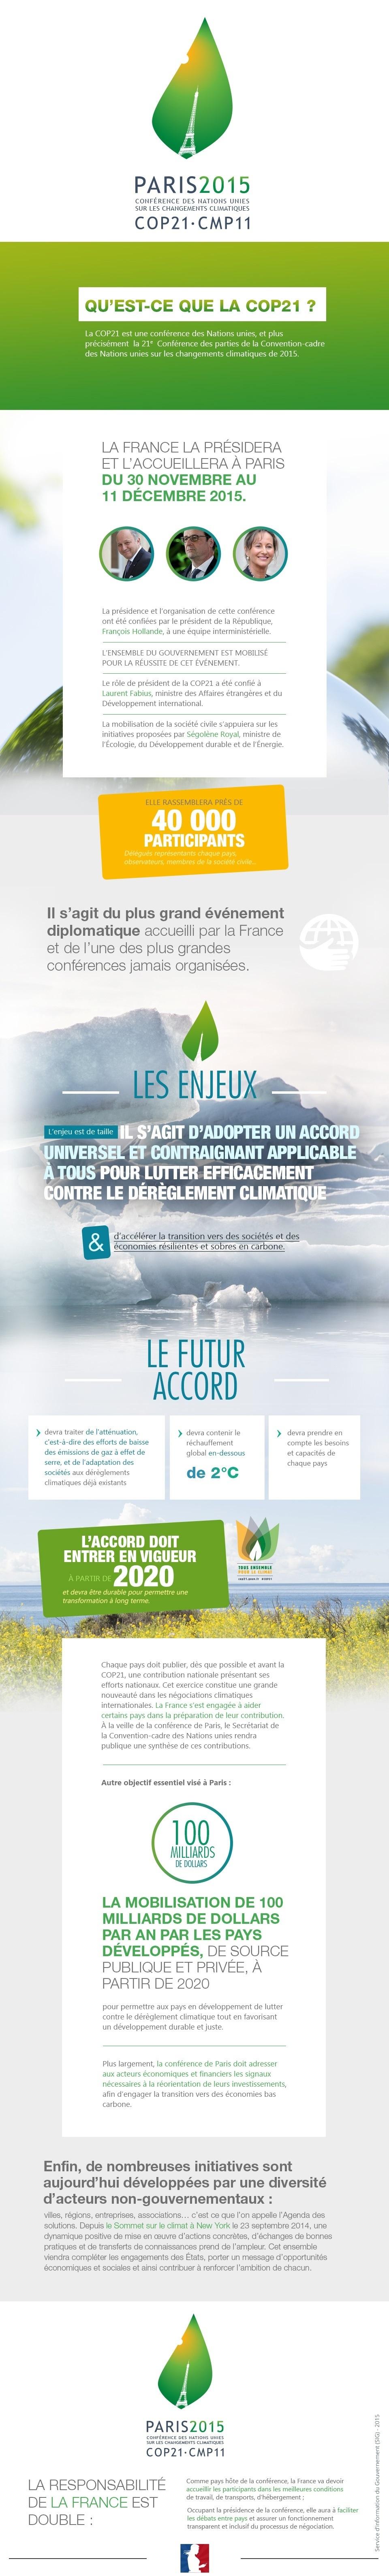 Comprendre la Conférence des parties de la Convention-cadre des Nations unies sur les changements climatiques - voir en plus grand